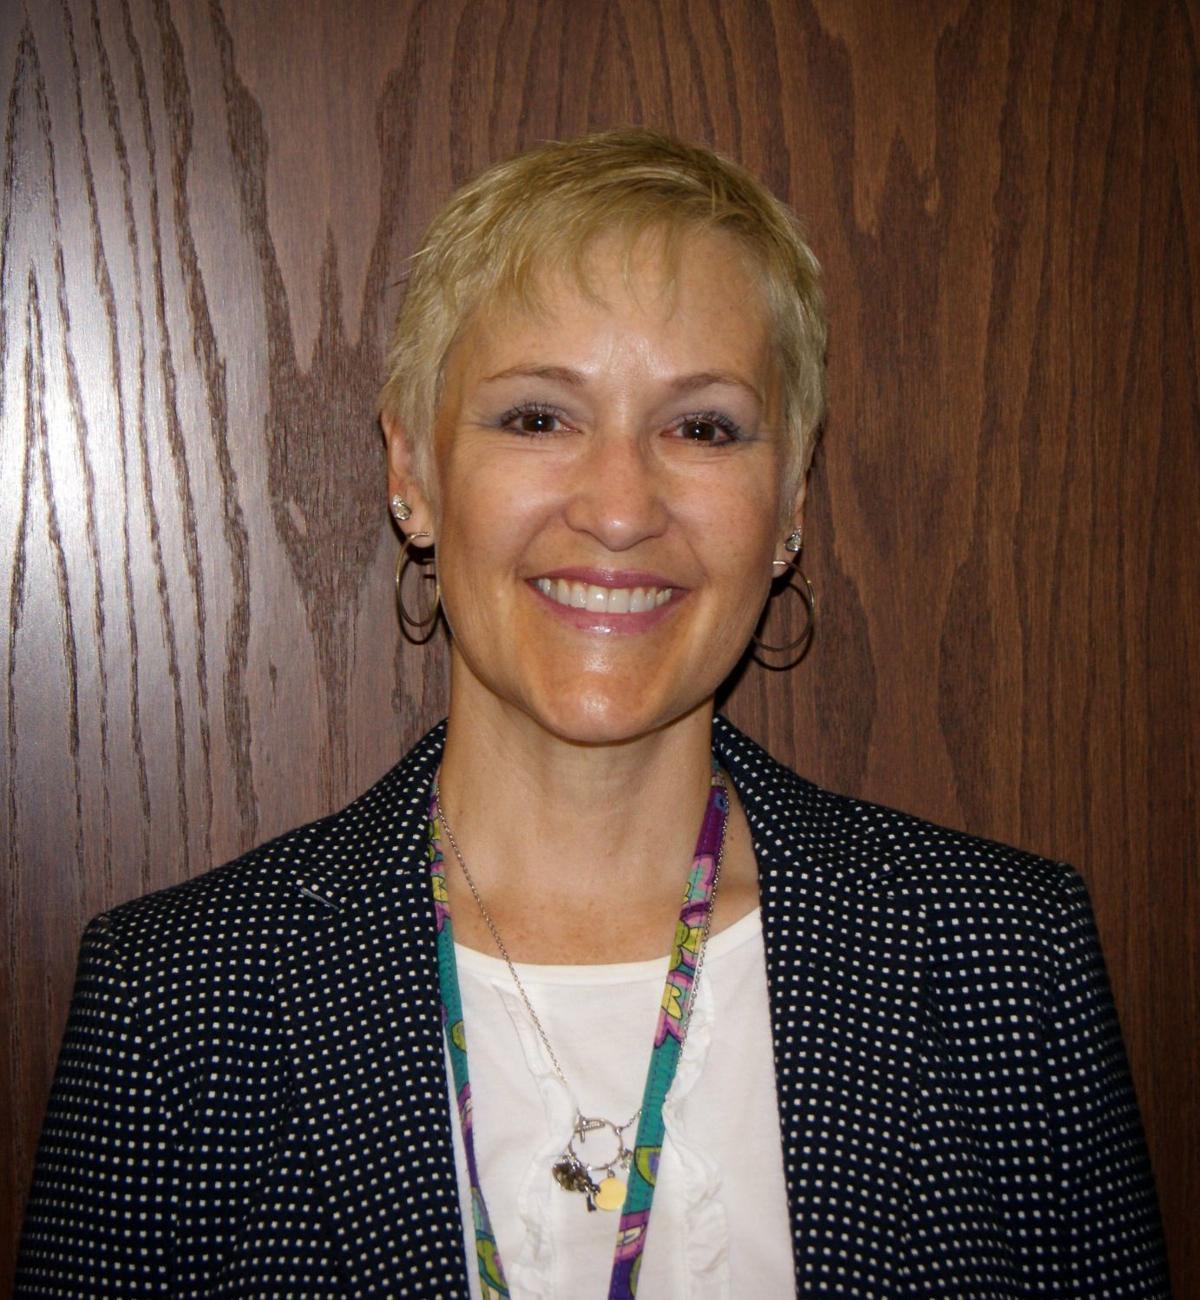 Julie Lauck